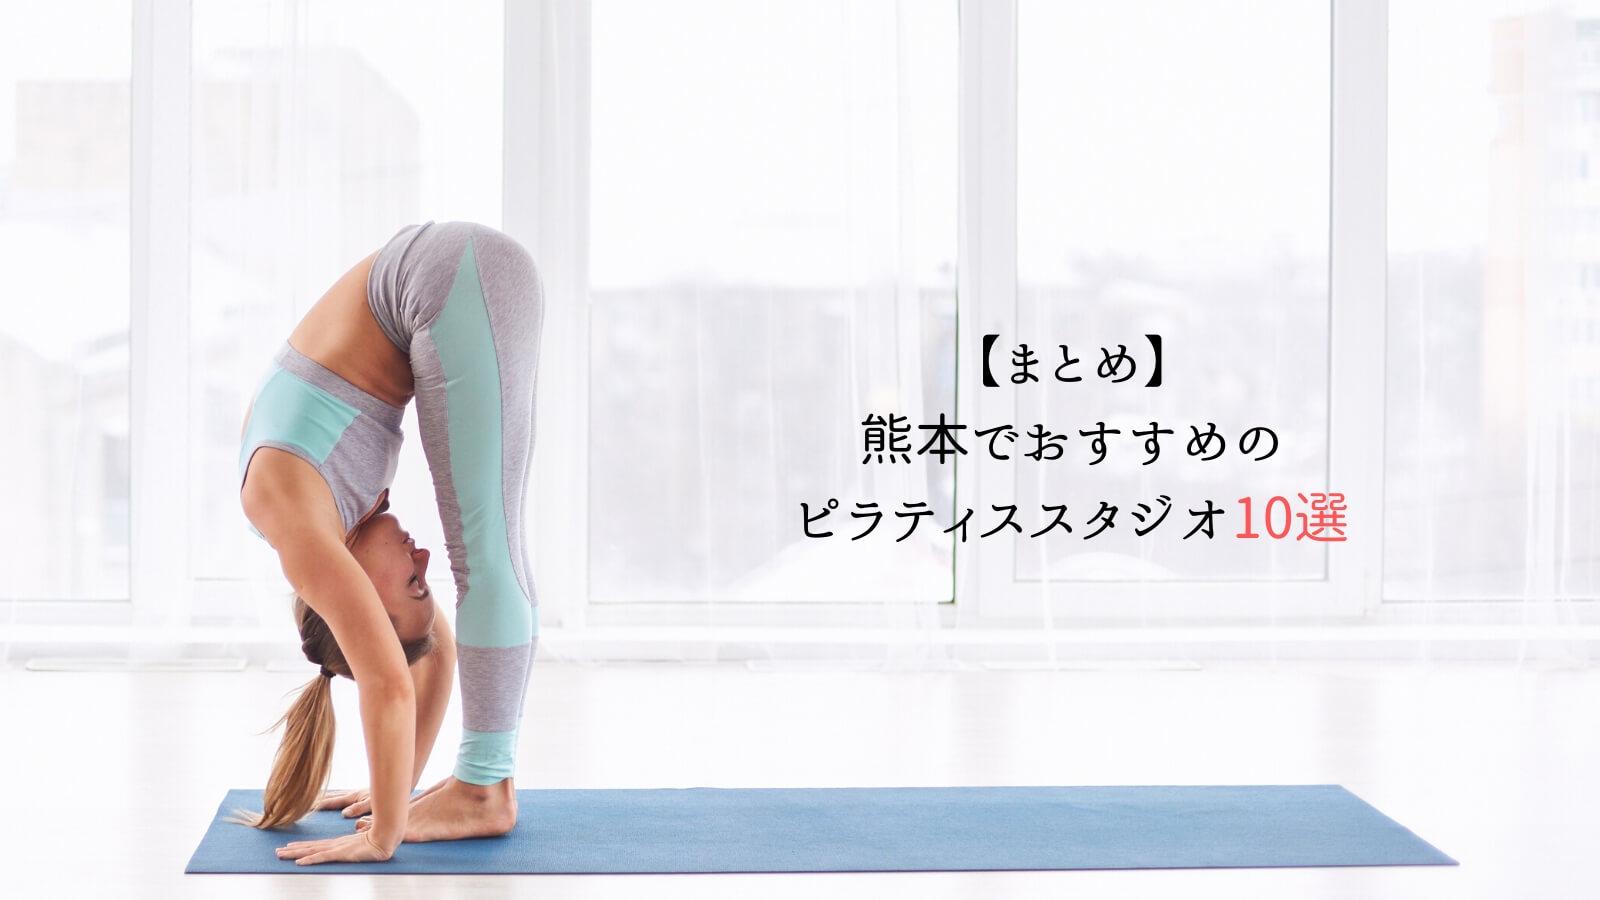 【まとめ】熊本でおすすめのピラティススタジオ10選